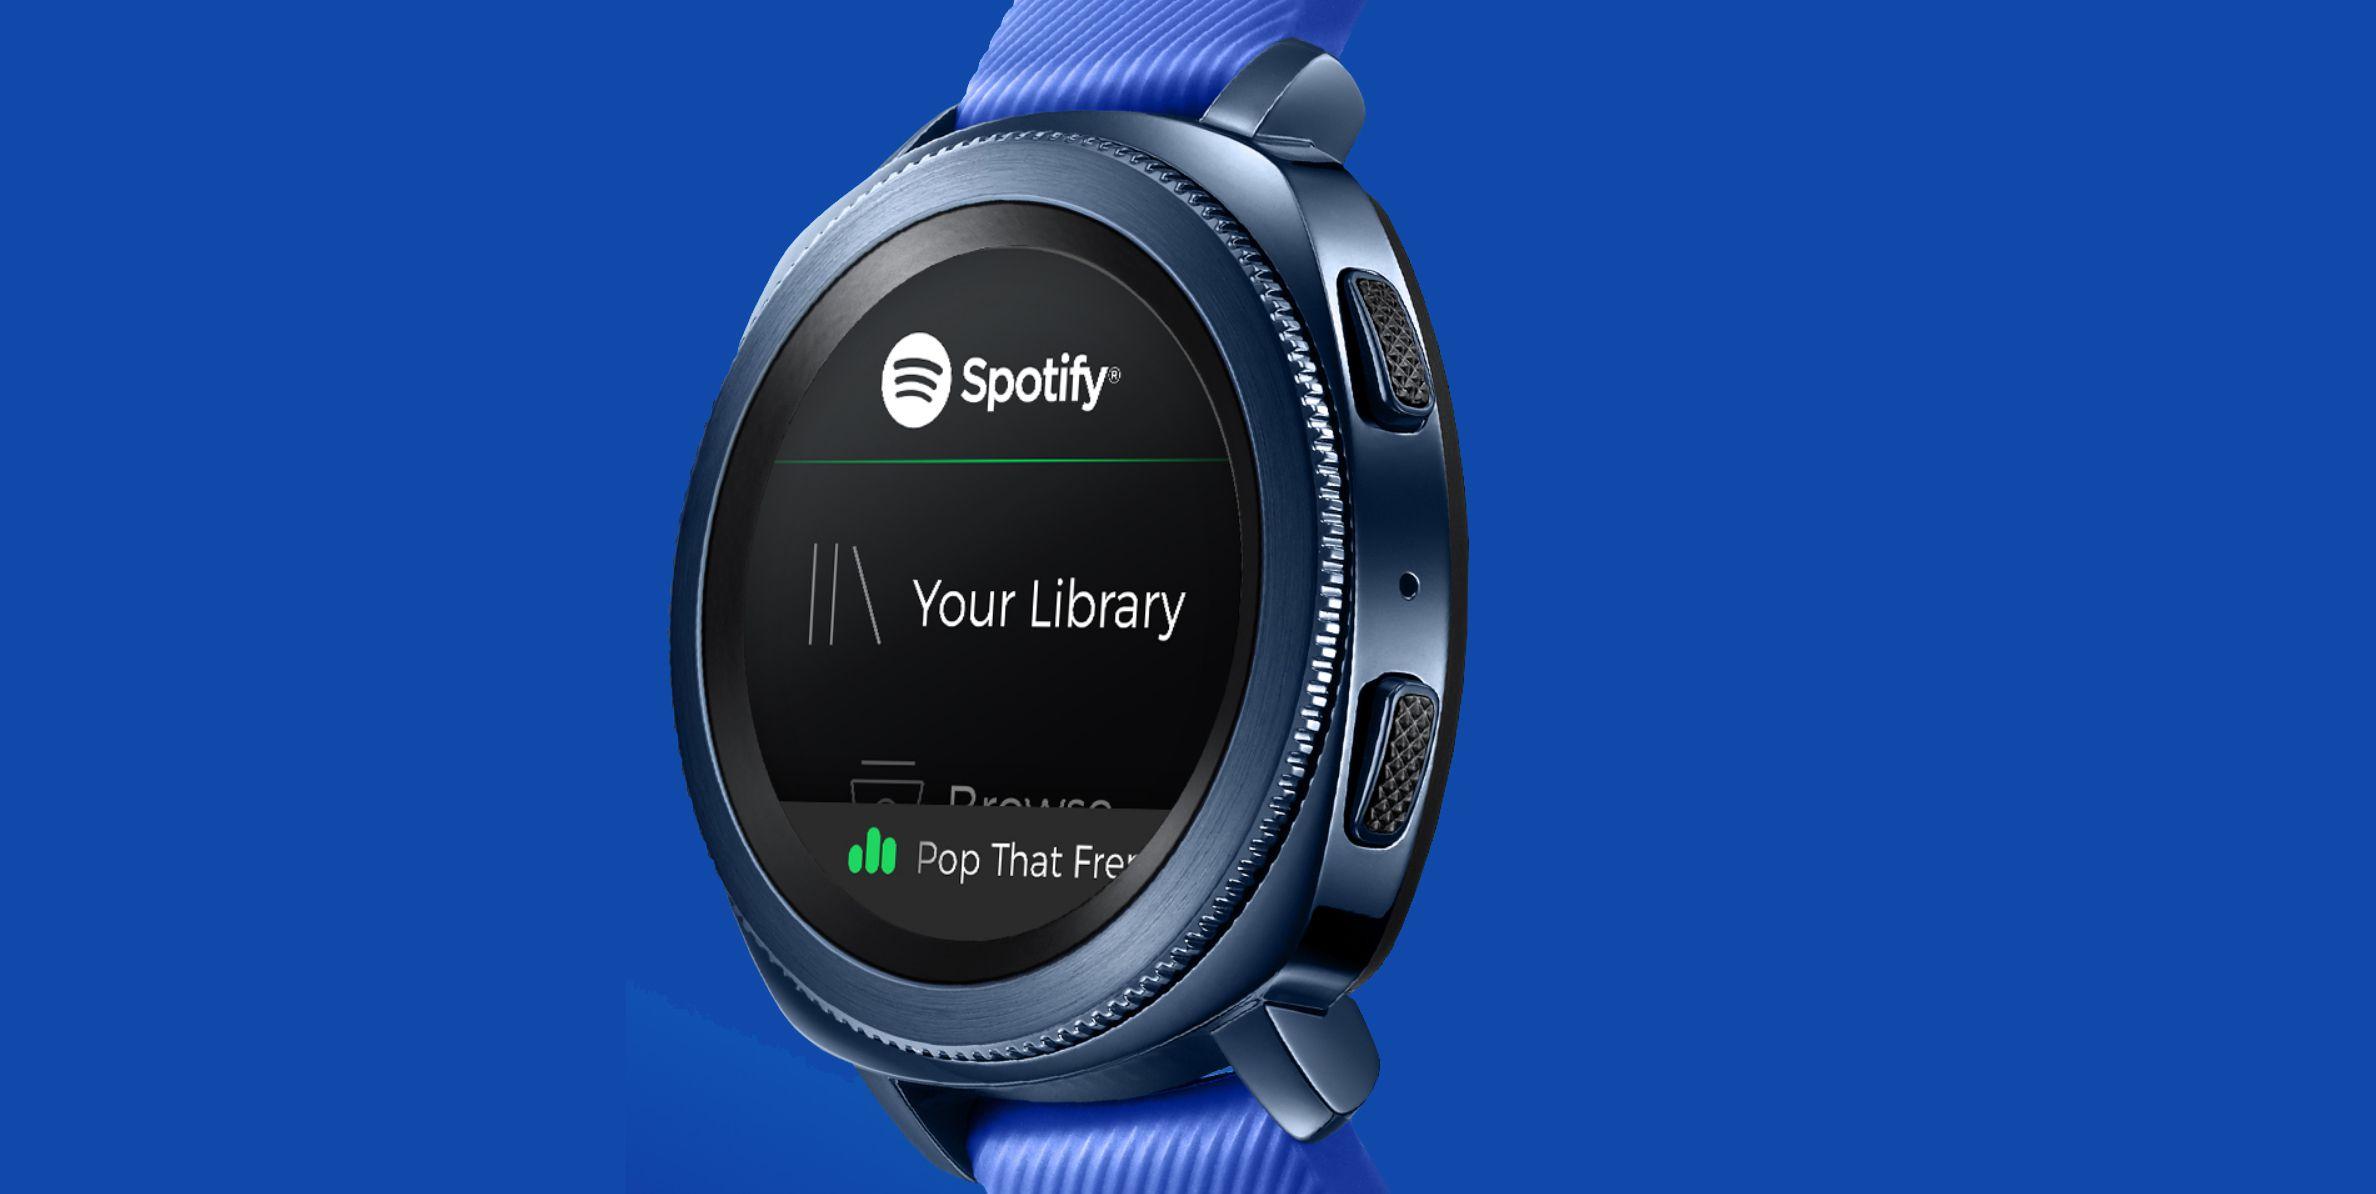 Spotify screen on Gear Sport watch.